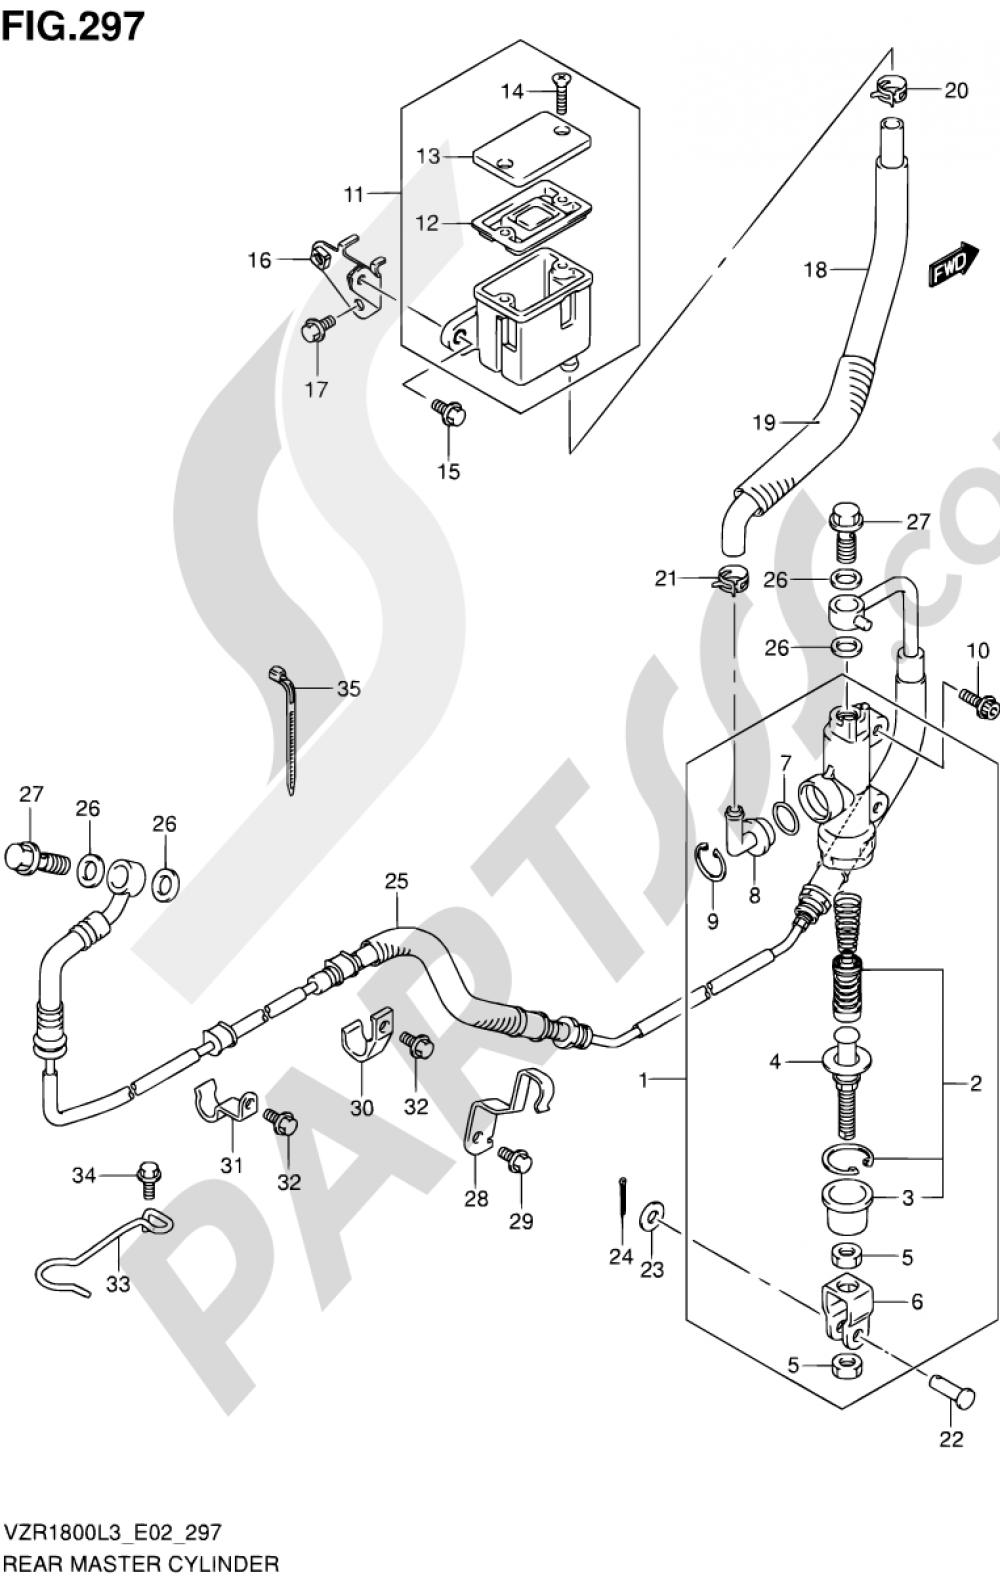 297 - REAR MASTER CYLINDER (VZR1800ZL3 E19) Suzuki VZR1800 2013